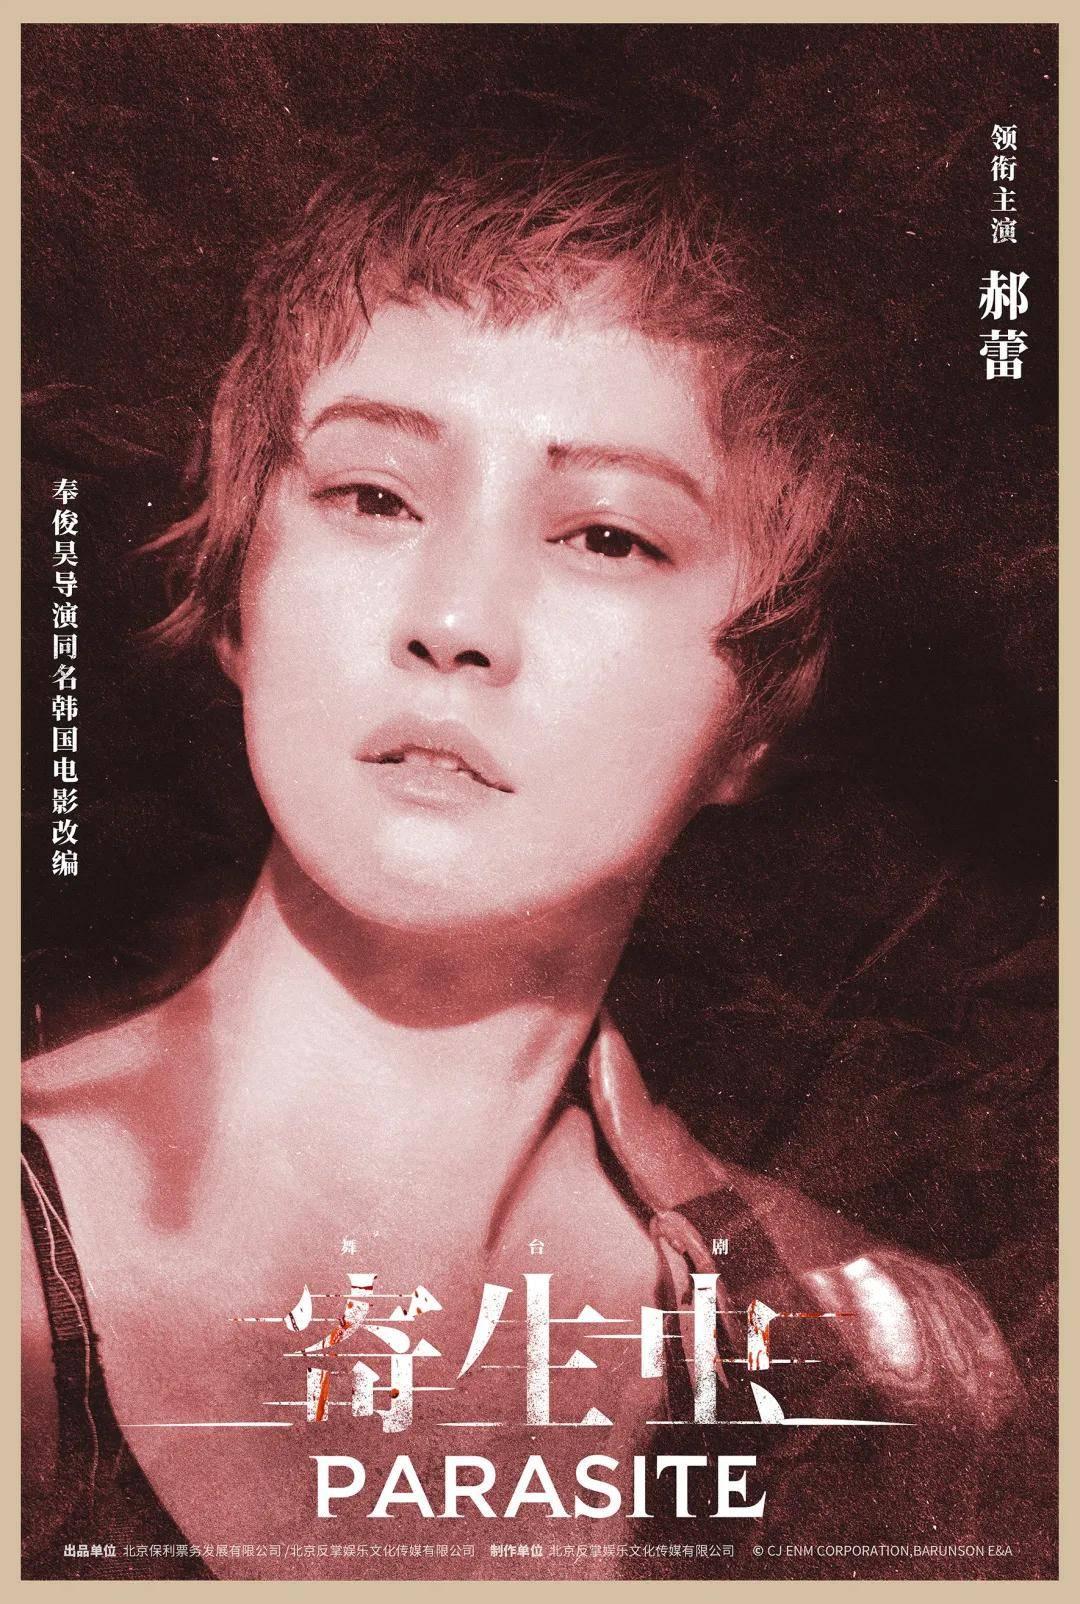 演员郝蕾加盟舞台剧《寄生虫》